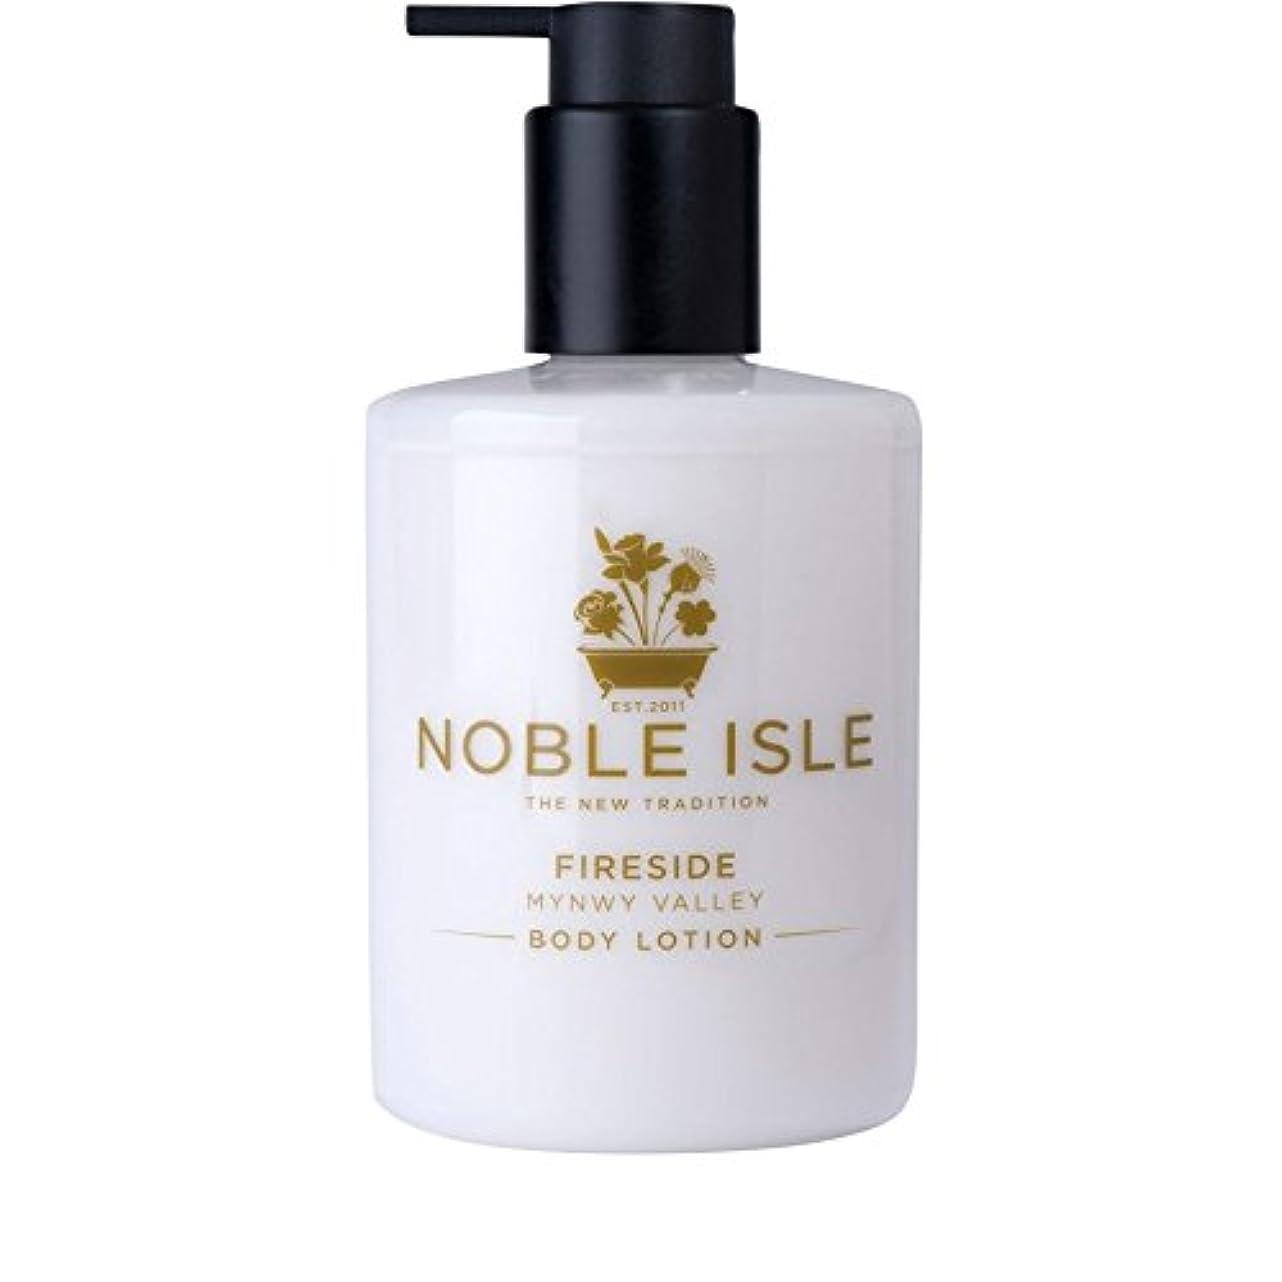 平行レンズ解く高貴な島炉端谷のボディローション250ミリリットル x4 - Noble Isle Fireside Mynwy Valley Body Lotion 250ml (Pack of 4) [並行輸入品]